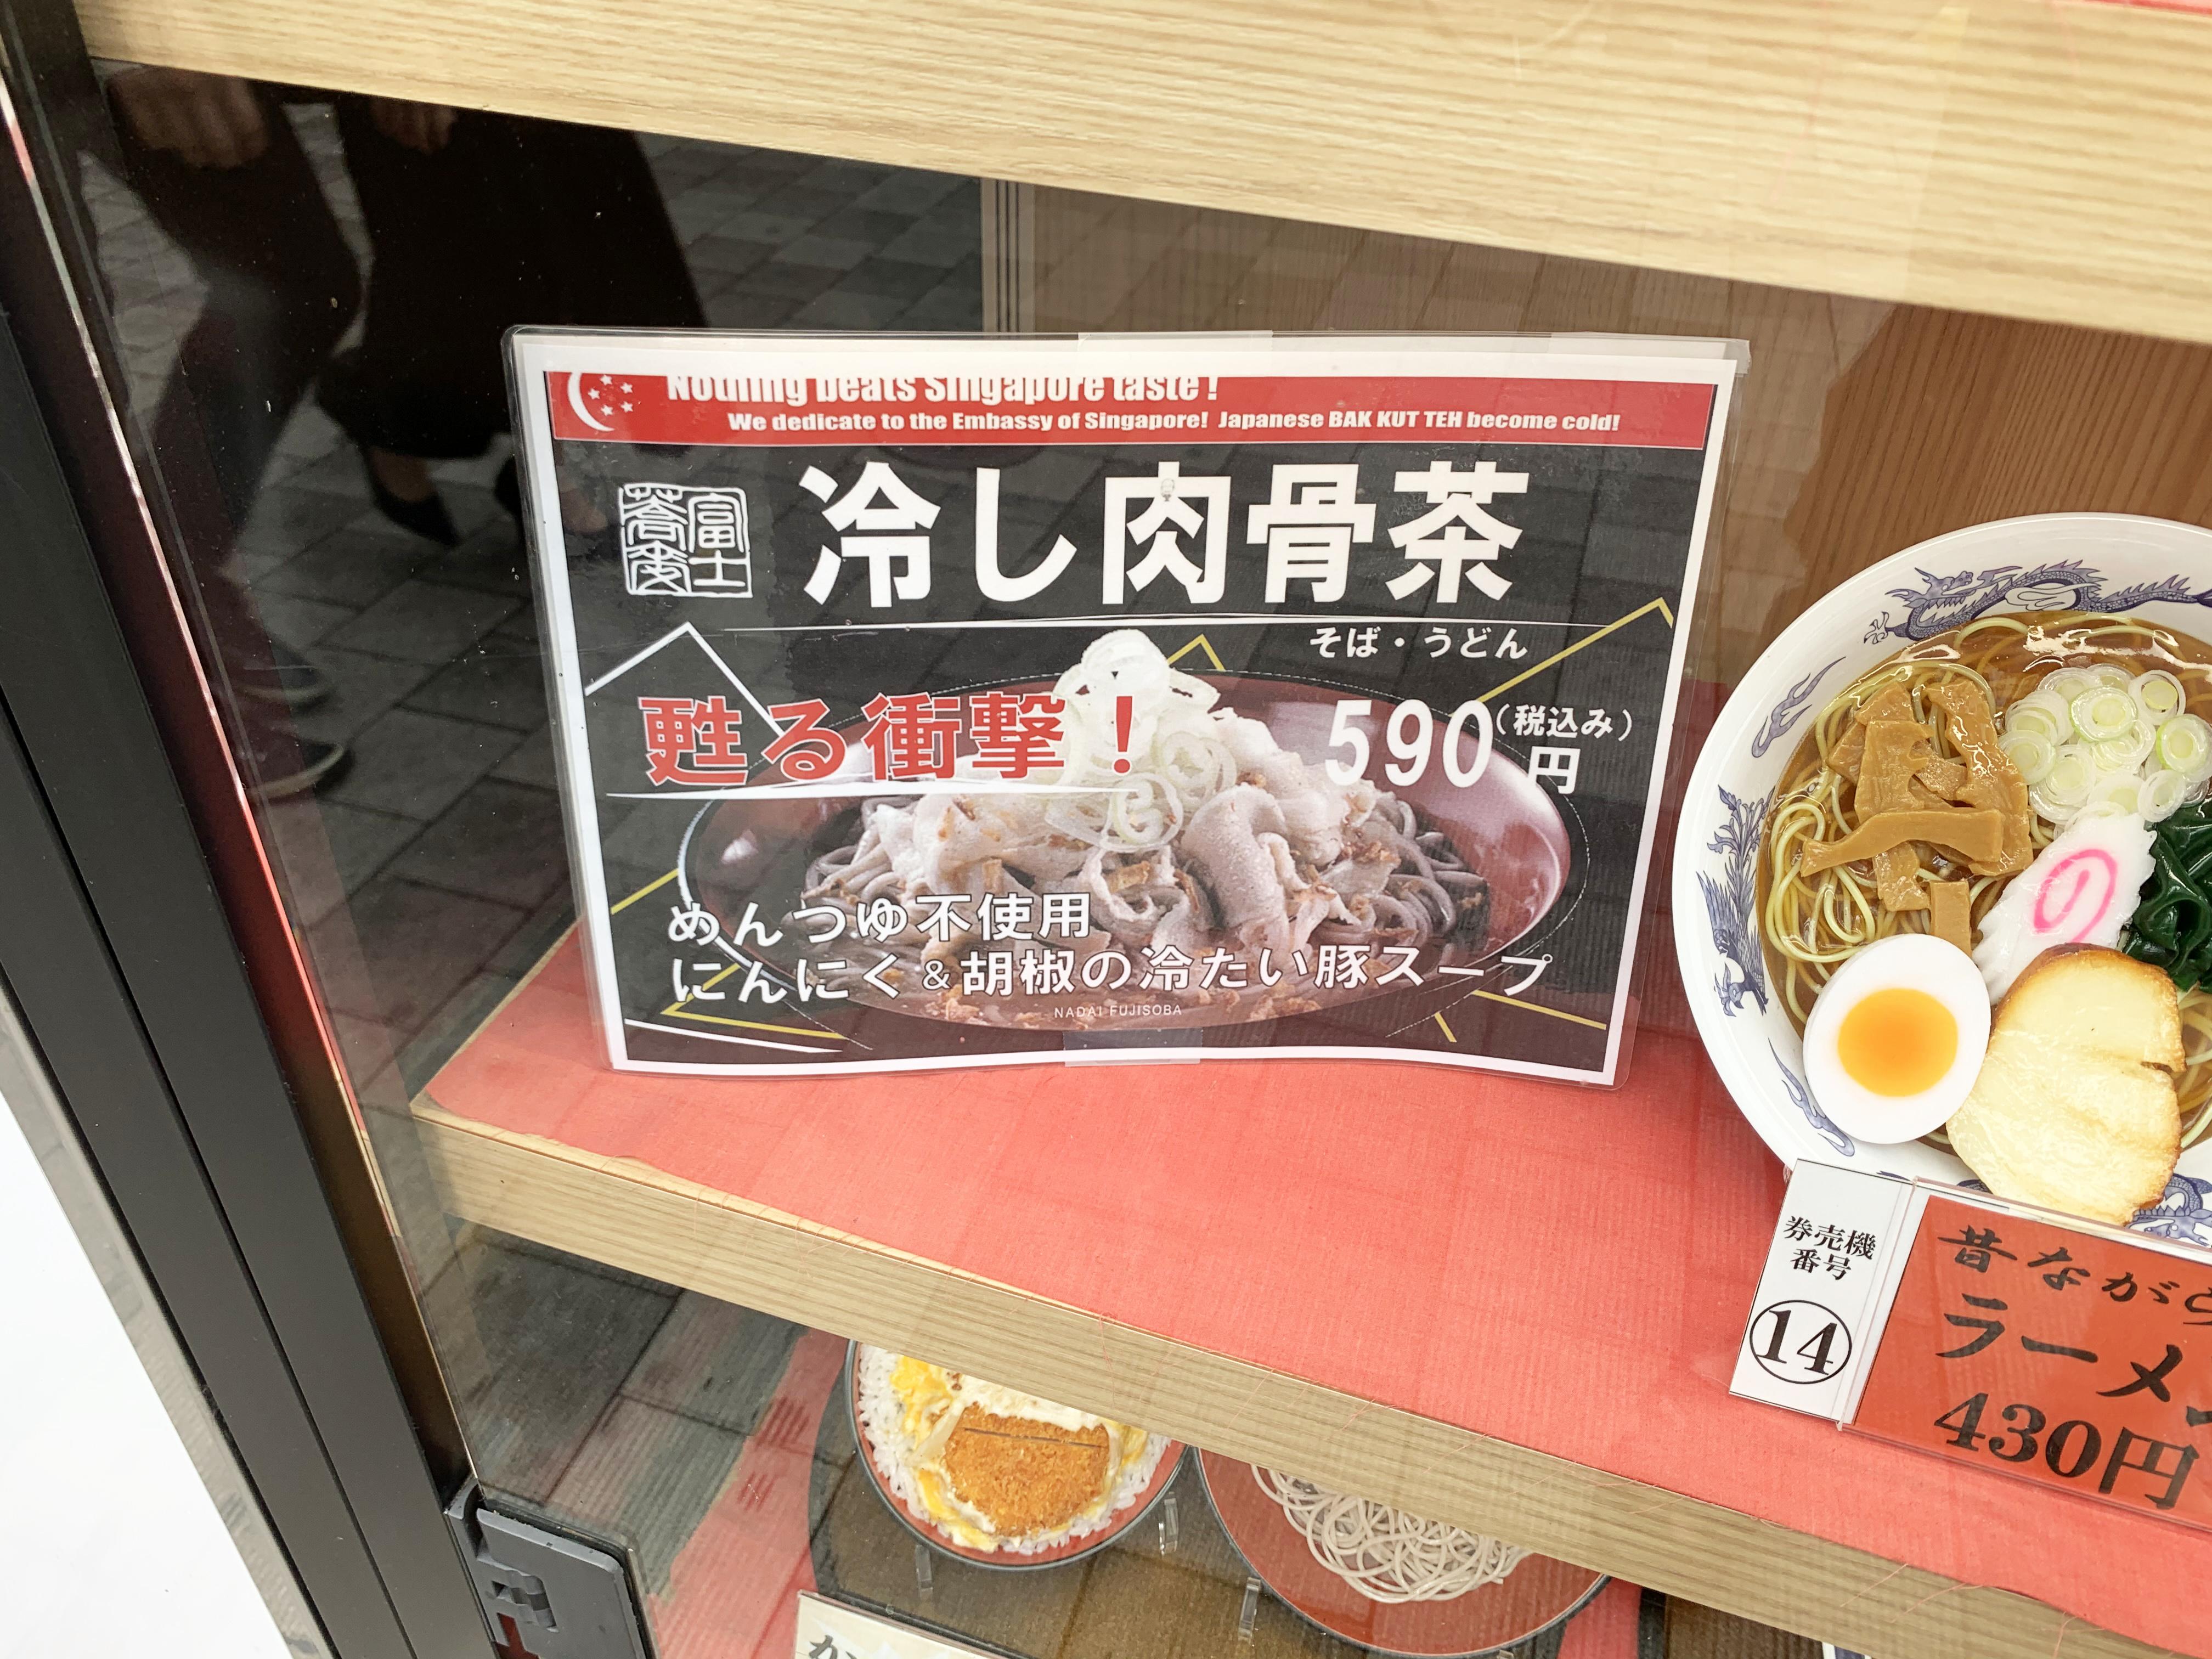 メニュー 富士 そば 富士そば・幻の新メニュー「乱切り蕎麦」の実力を徹底調査【東京ソバット団】